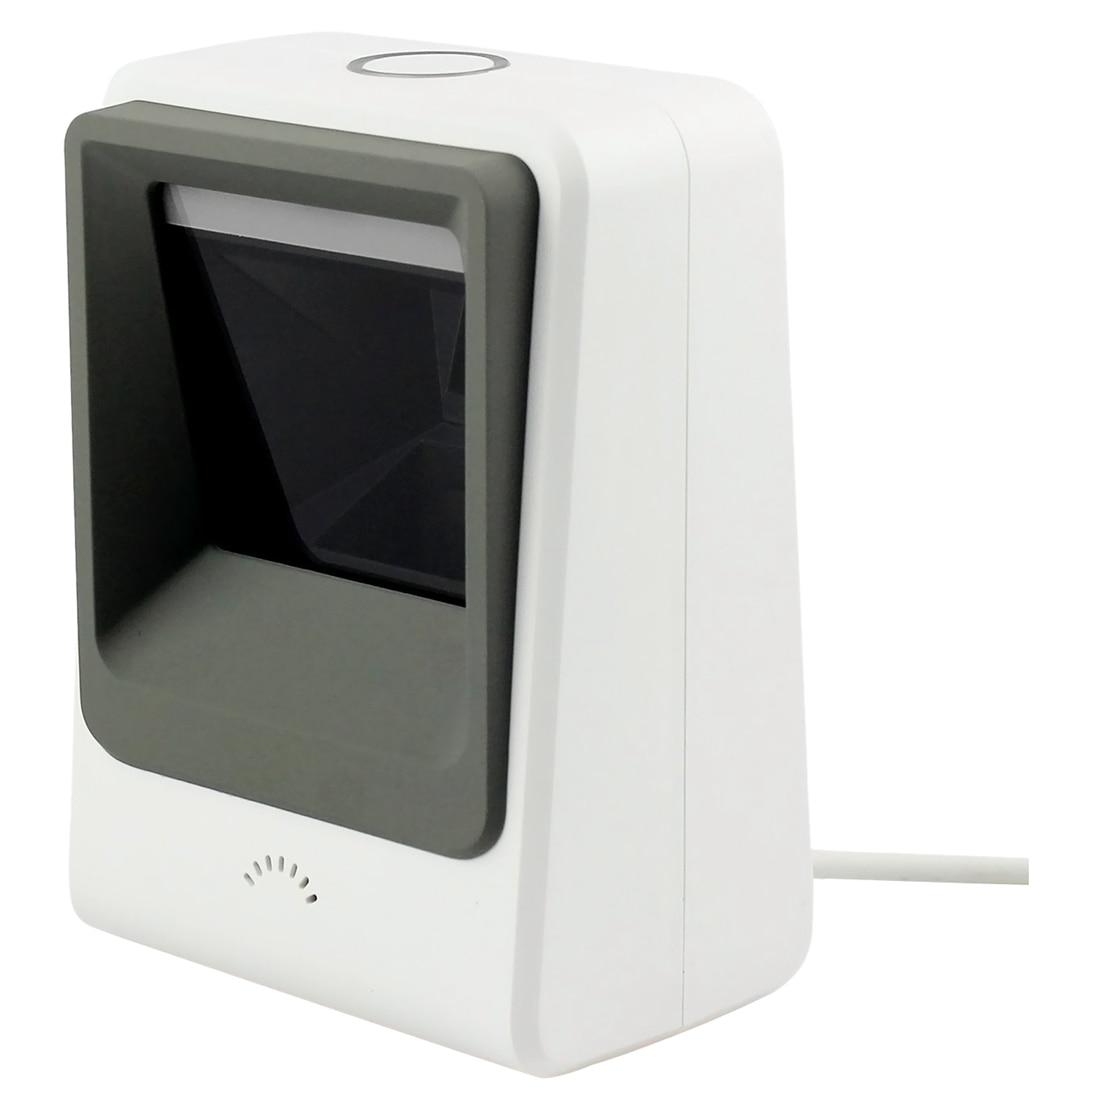 Проводной Hands-free 1D 2D USB CCD сканер штрих-кода для мобильных платежей компьютер Экран сканирования, белый